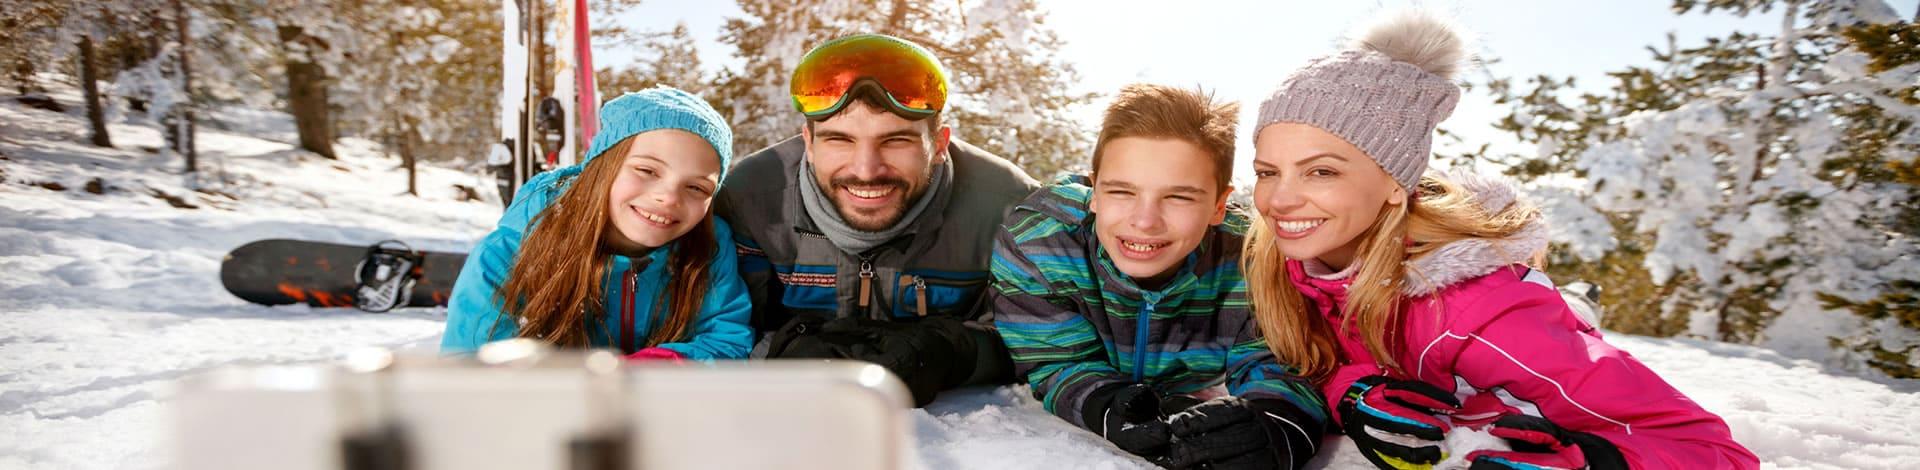 Check-list pour les vacances au ski en famille